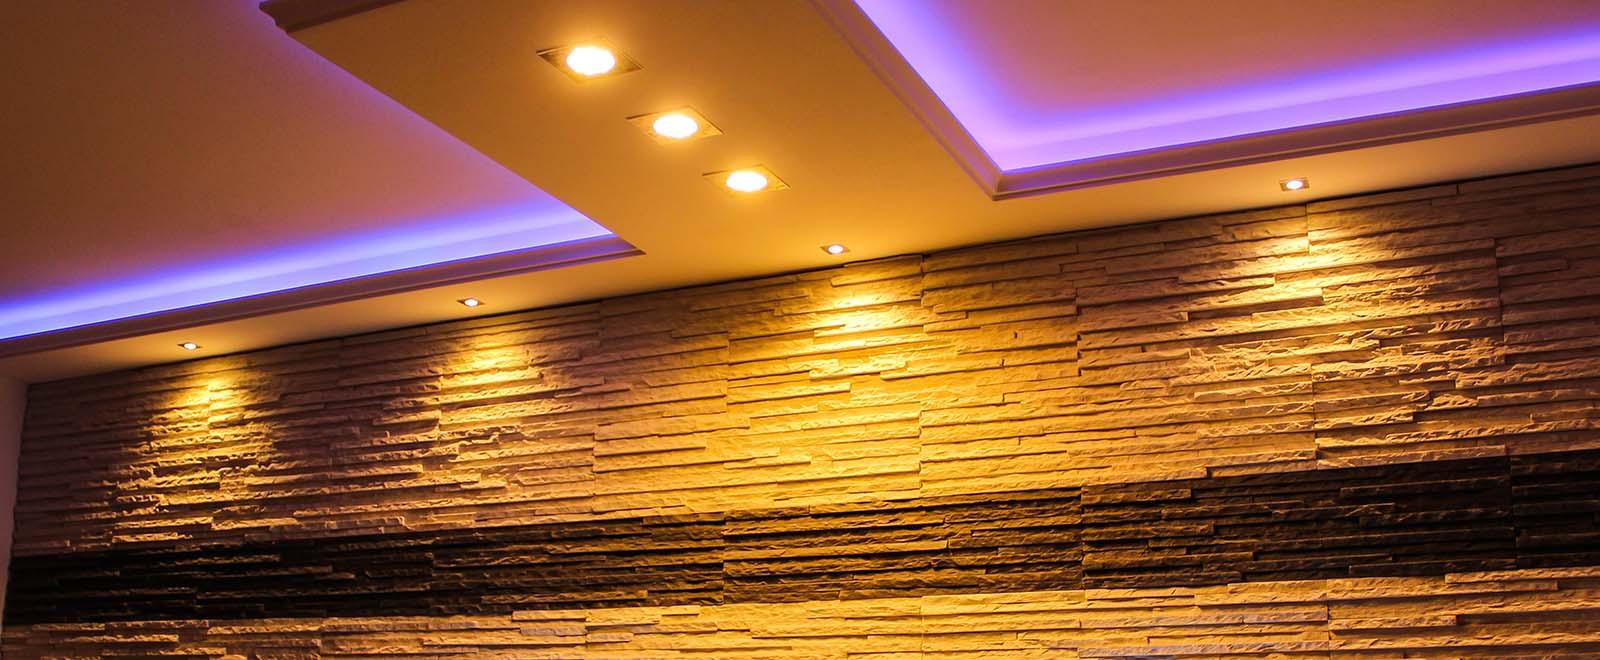 DIY-Projekte – Ideen und Anregungen für indirekte Beleuchtung und Fassadengestaltung ✓ Ihr Experte - BENDU